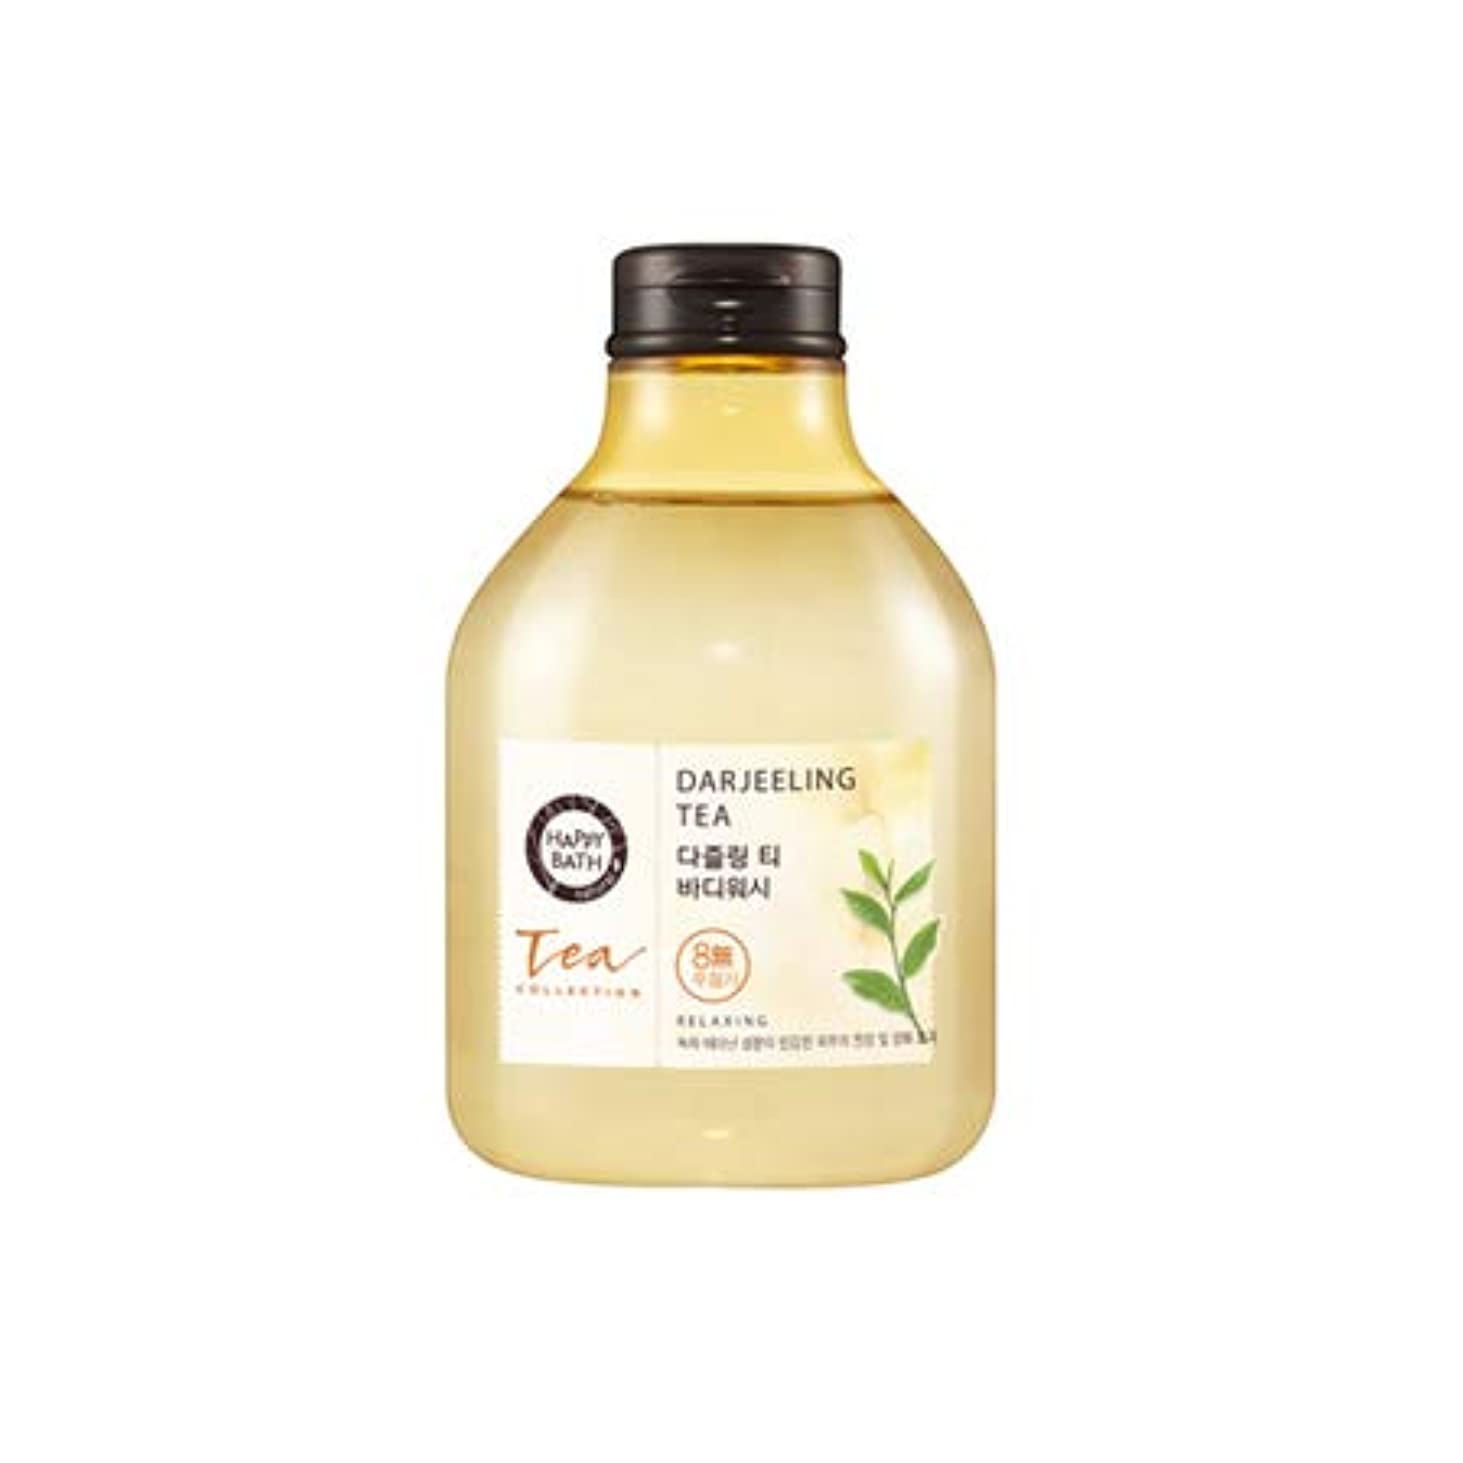 知らせるピザ飛行機[ハッピーバス.happy bath]若い葉ティーコレクションボディウォッシュ(ダージリンティー、300ml)/ pure Darjeeling Tea body wash